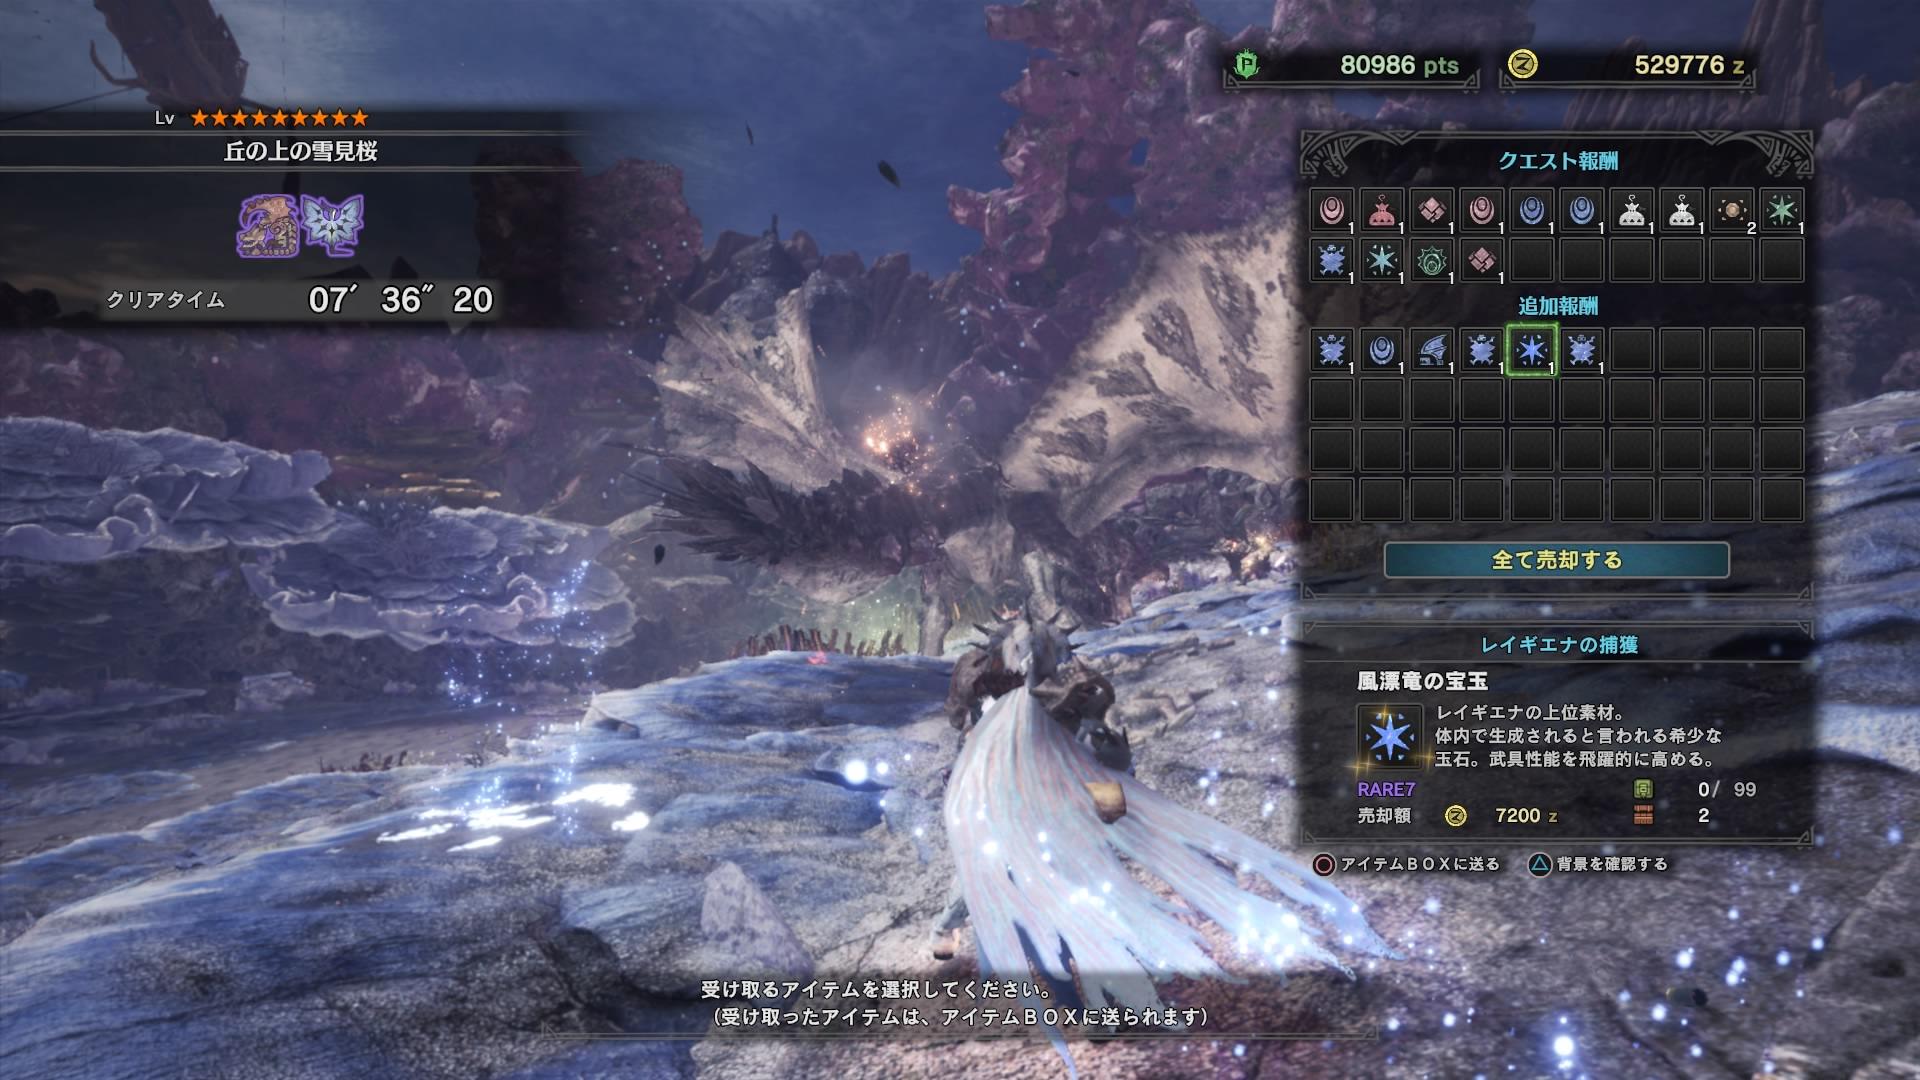 雪見桜玉3